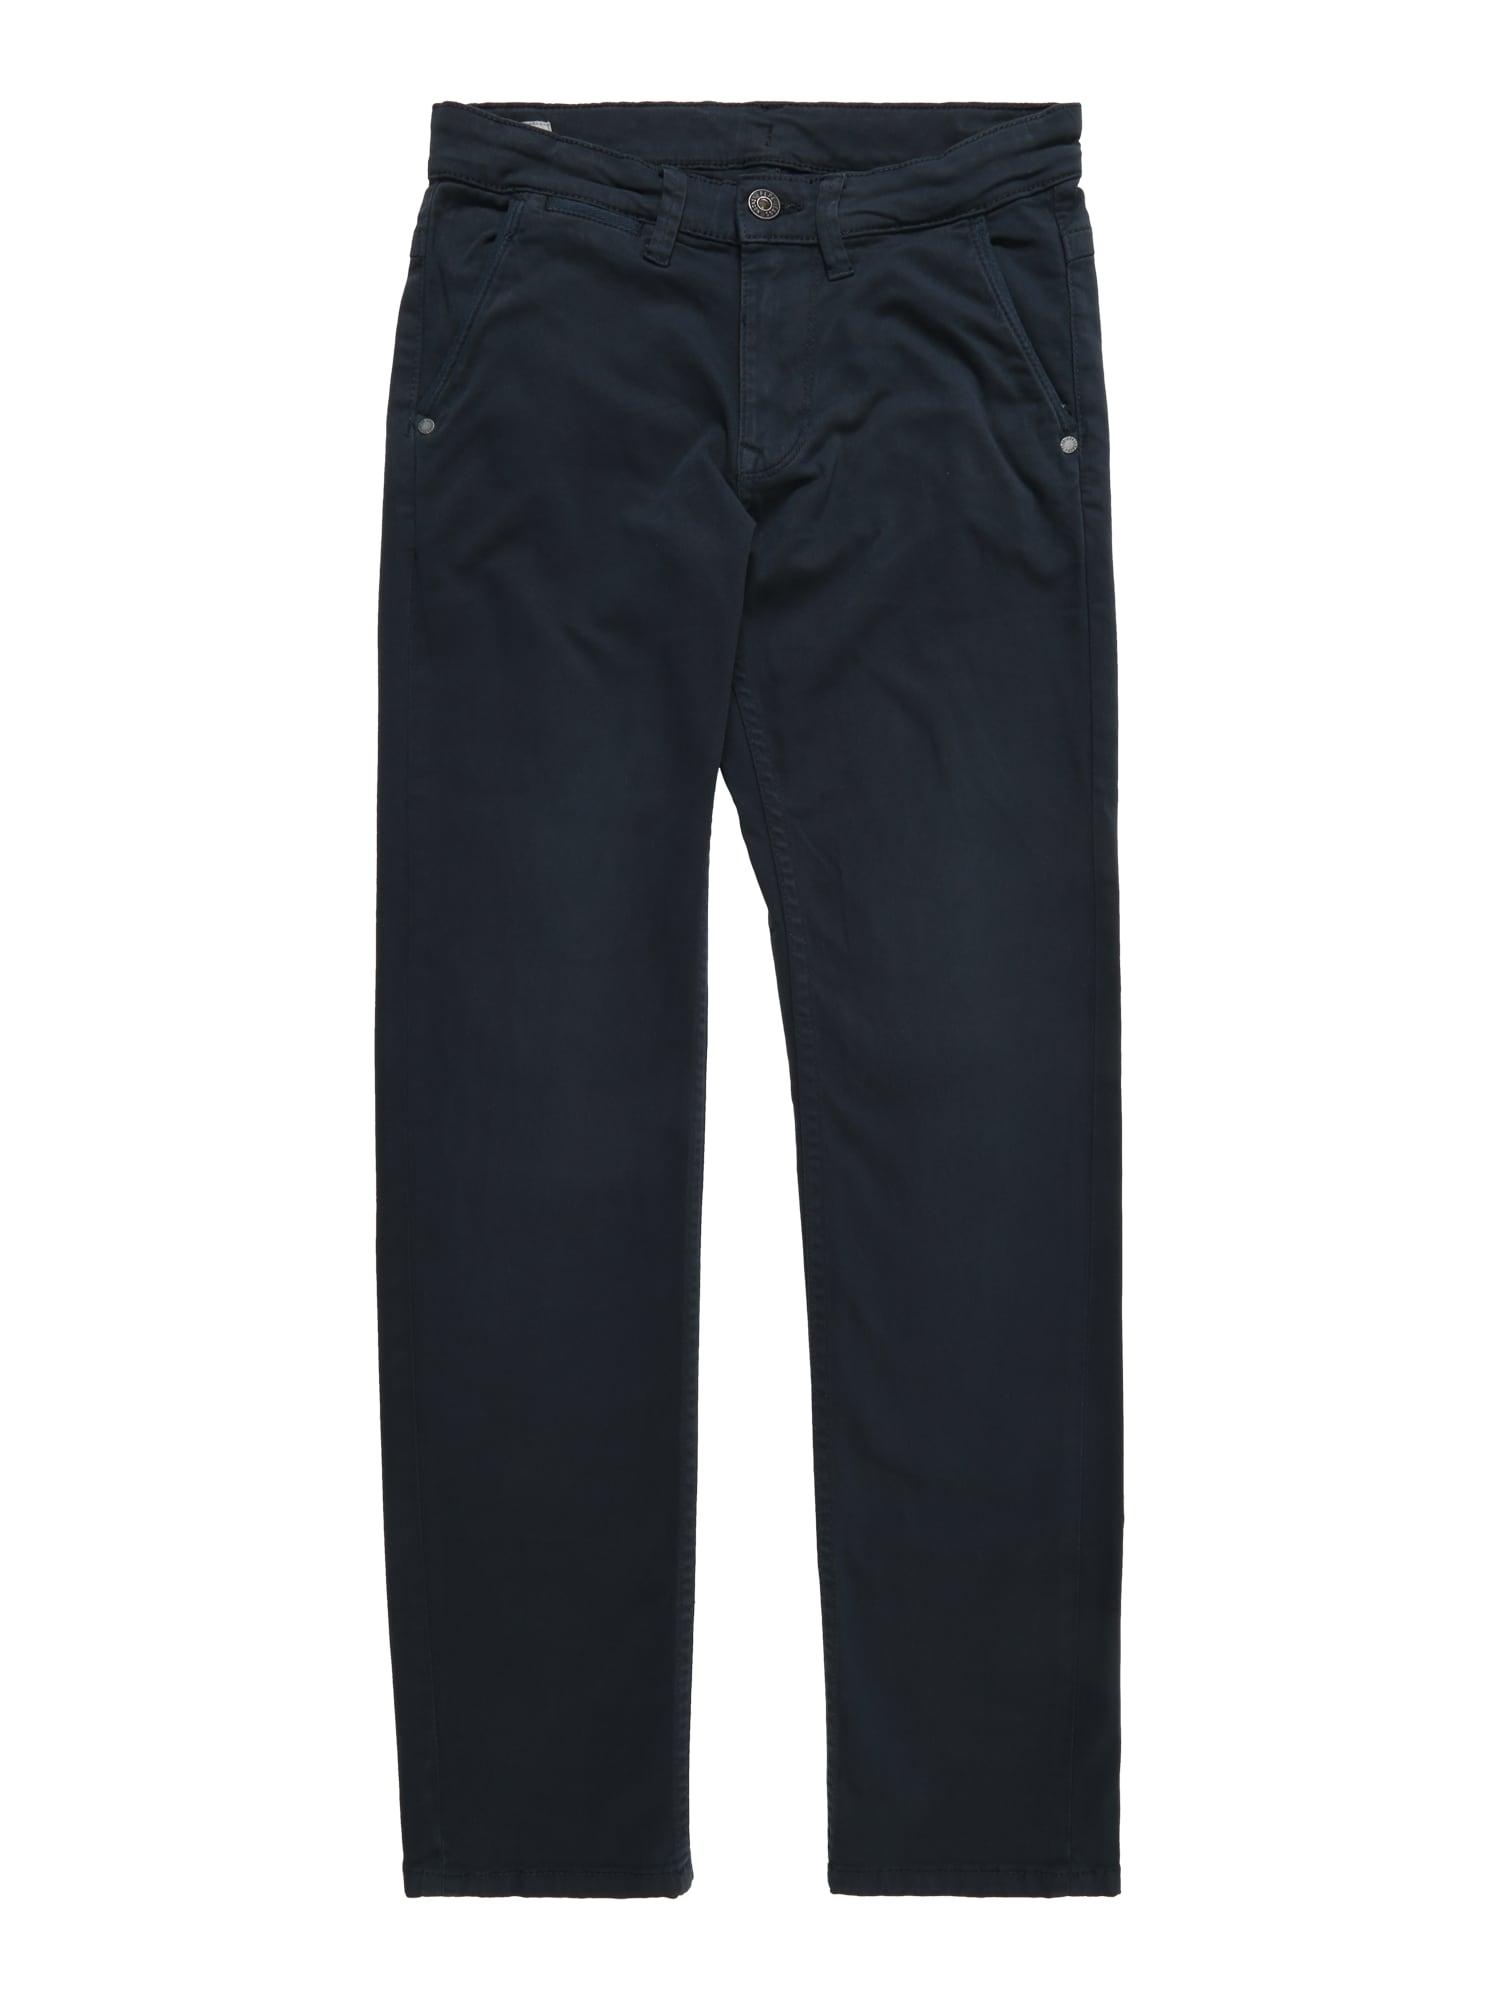 Kalhoty BLUEBURN námořnická modř Pepe Jeans